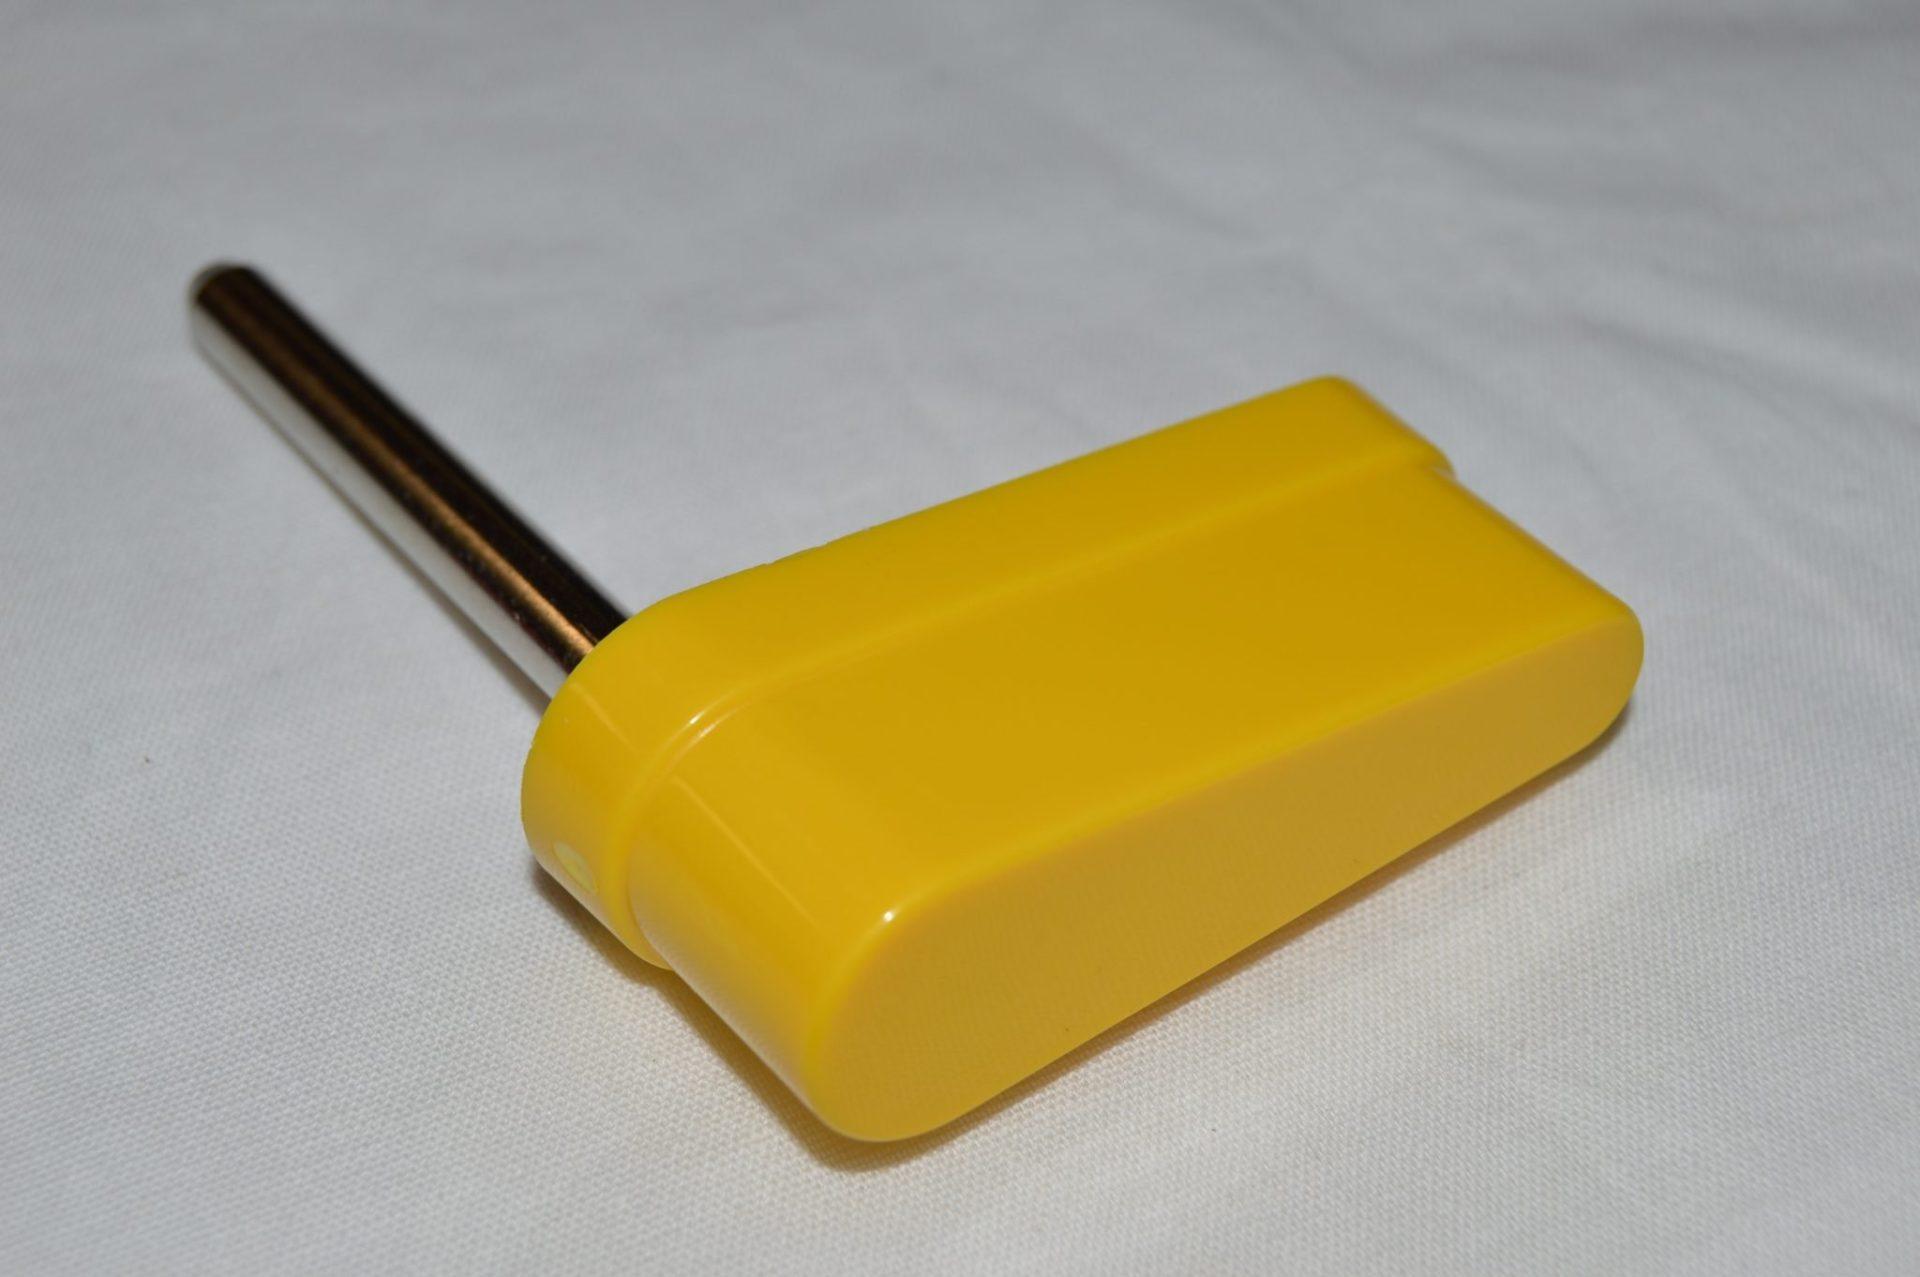 Small Yellow Flipper Bat 20-9264-6